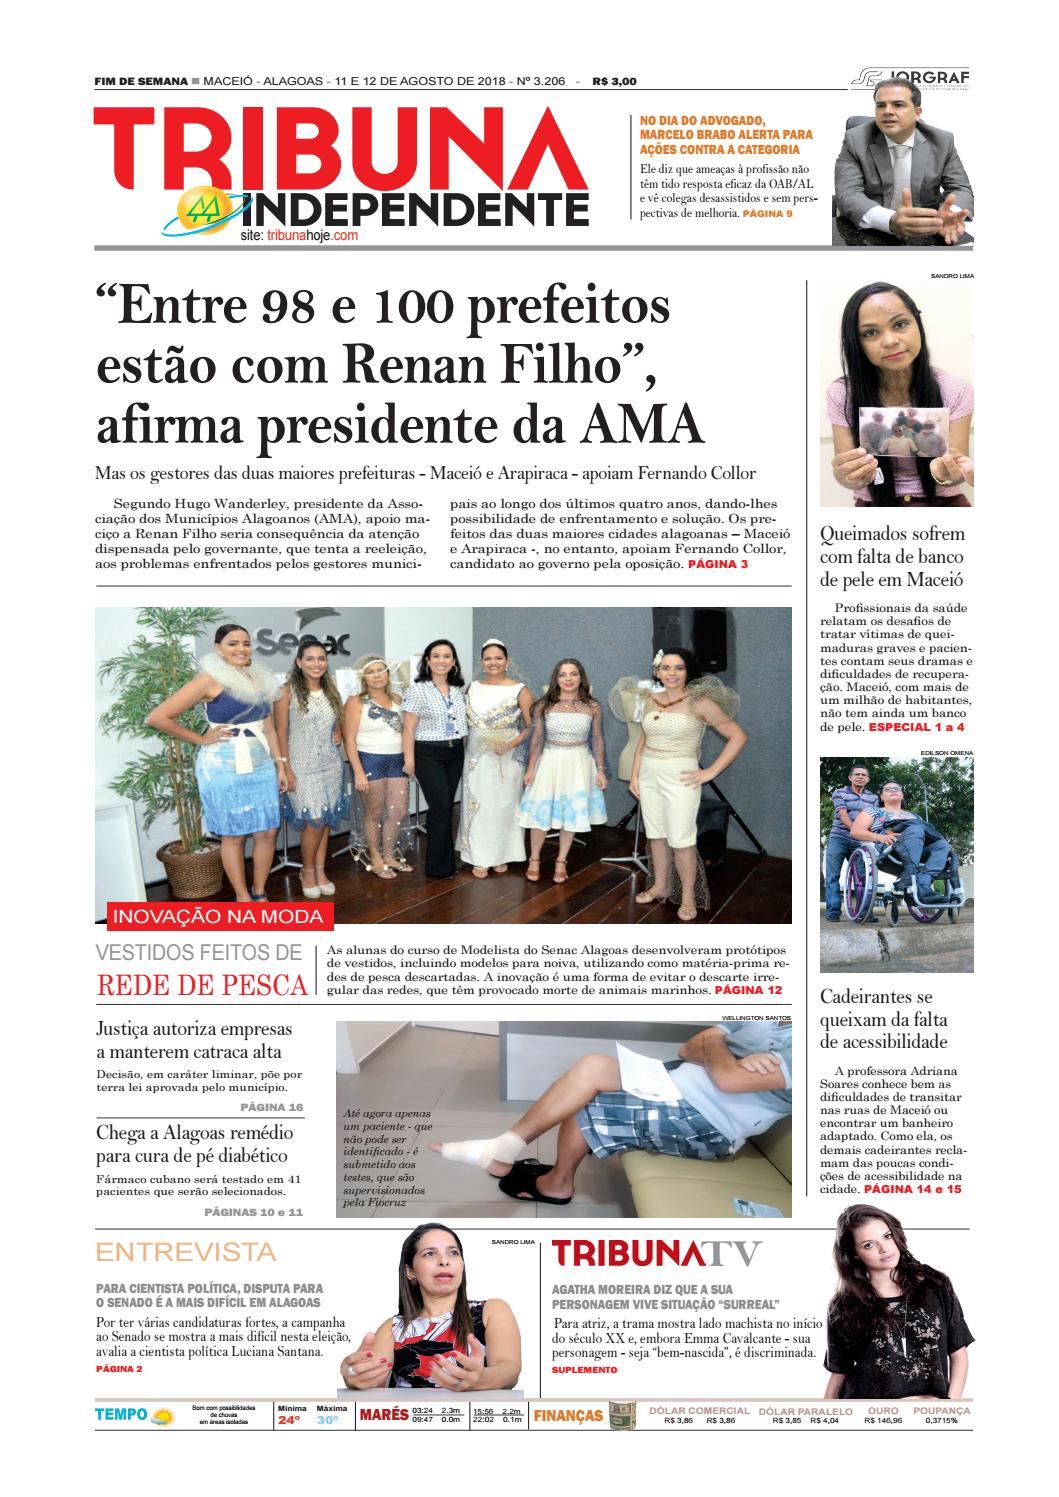 Edição número 3206 - 11 e 12 de agosto de 2018 by Tribuna Hoje - issuu 782b3131f8cbf